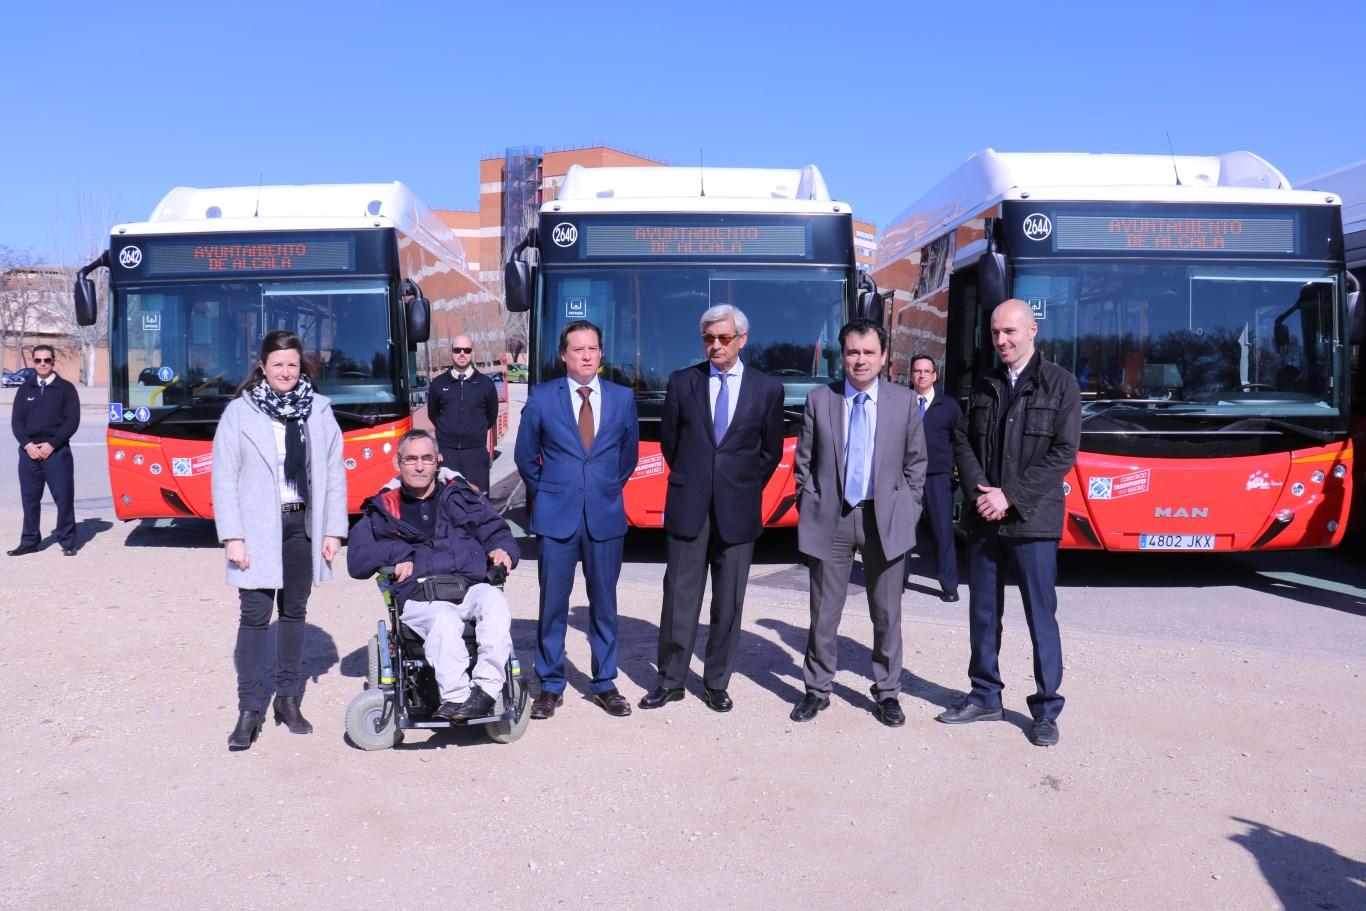 Nuevos autobuses urbanos para alcal de henares dream alcal for Autobuses alcala de henares